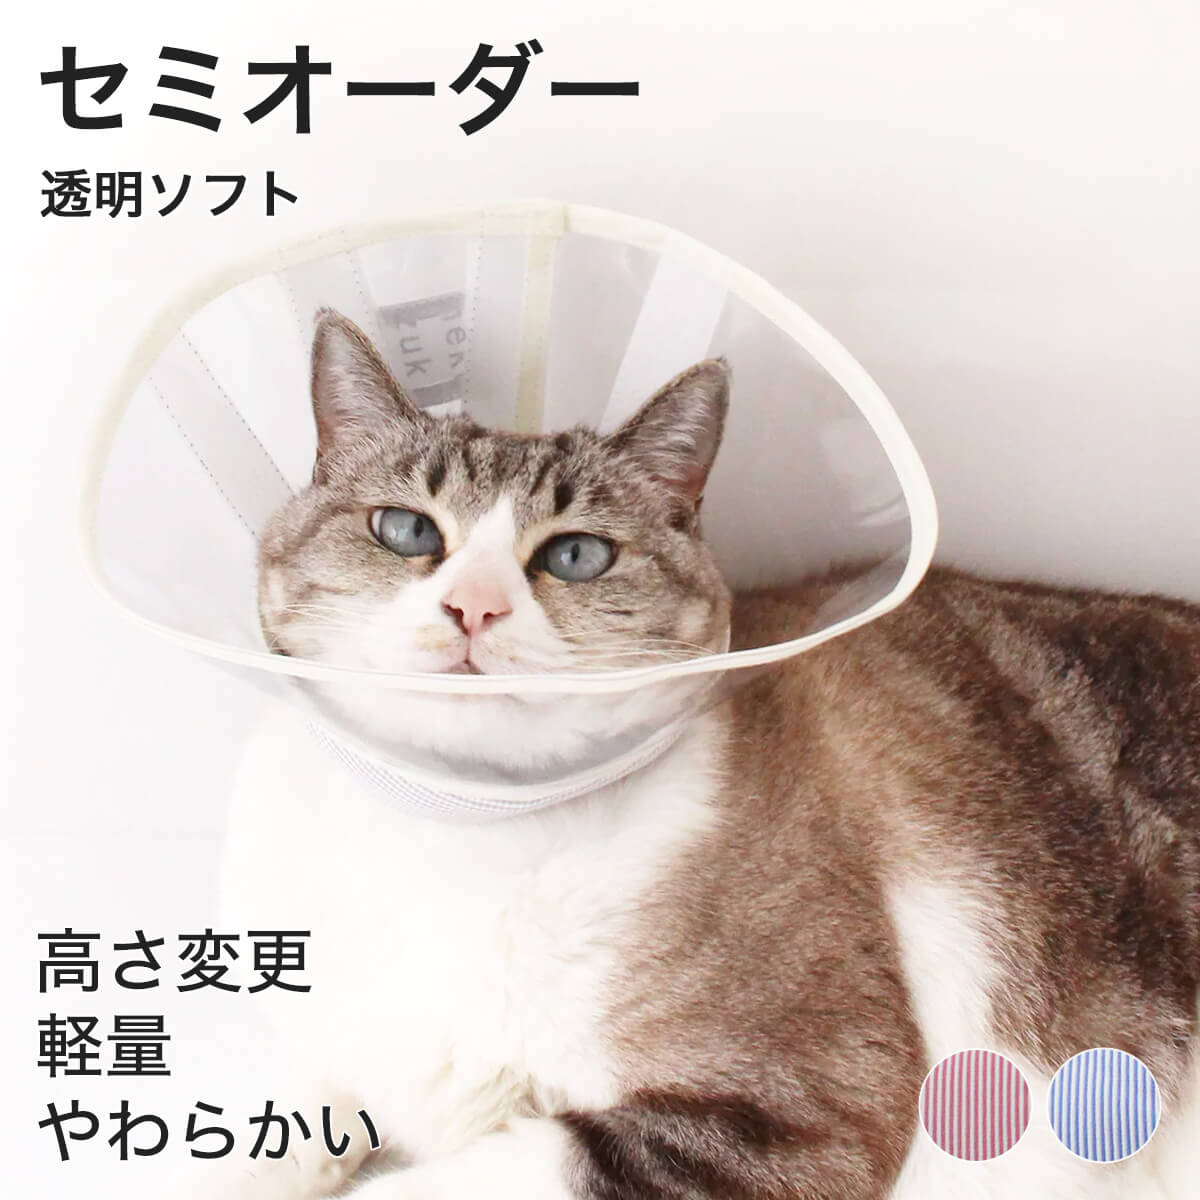 セミオーダー エリザベスカラー 猫 ソフト 柔らかい クリア フェザーカラー 【透明・ソフト】